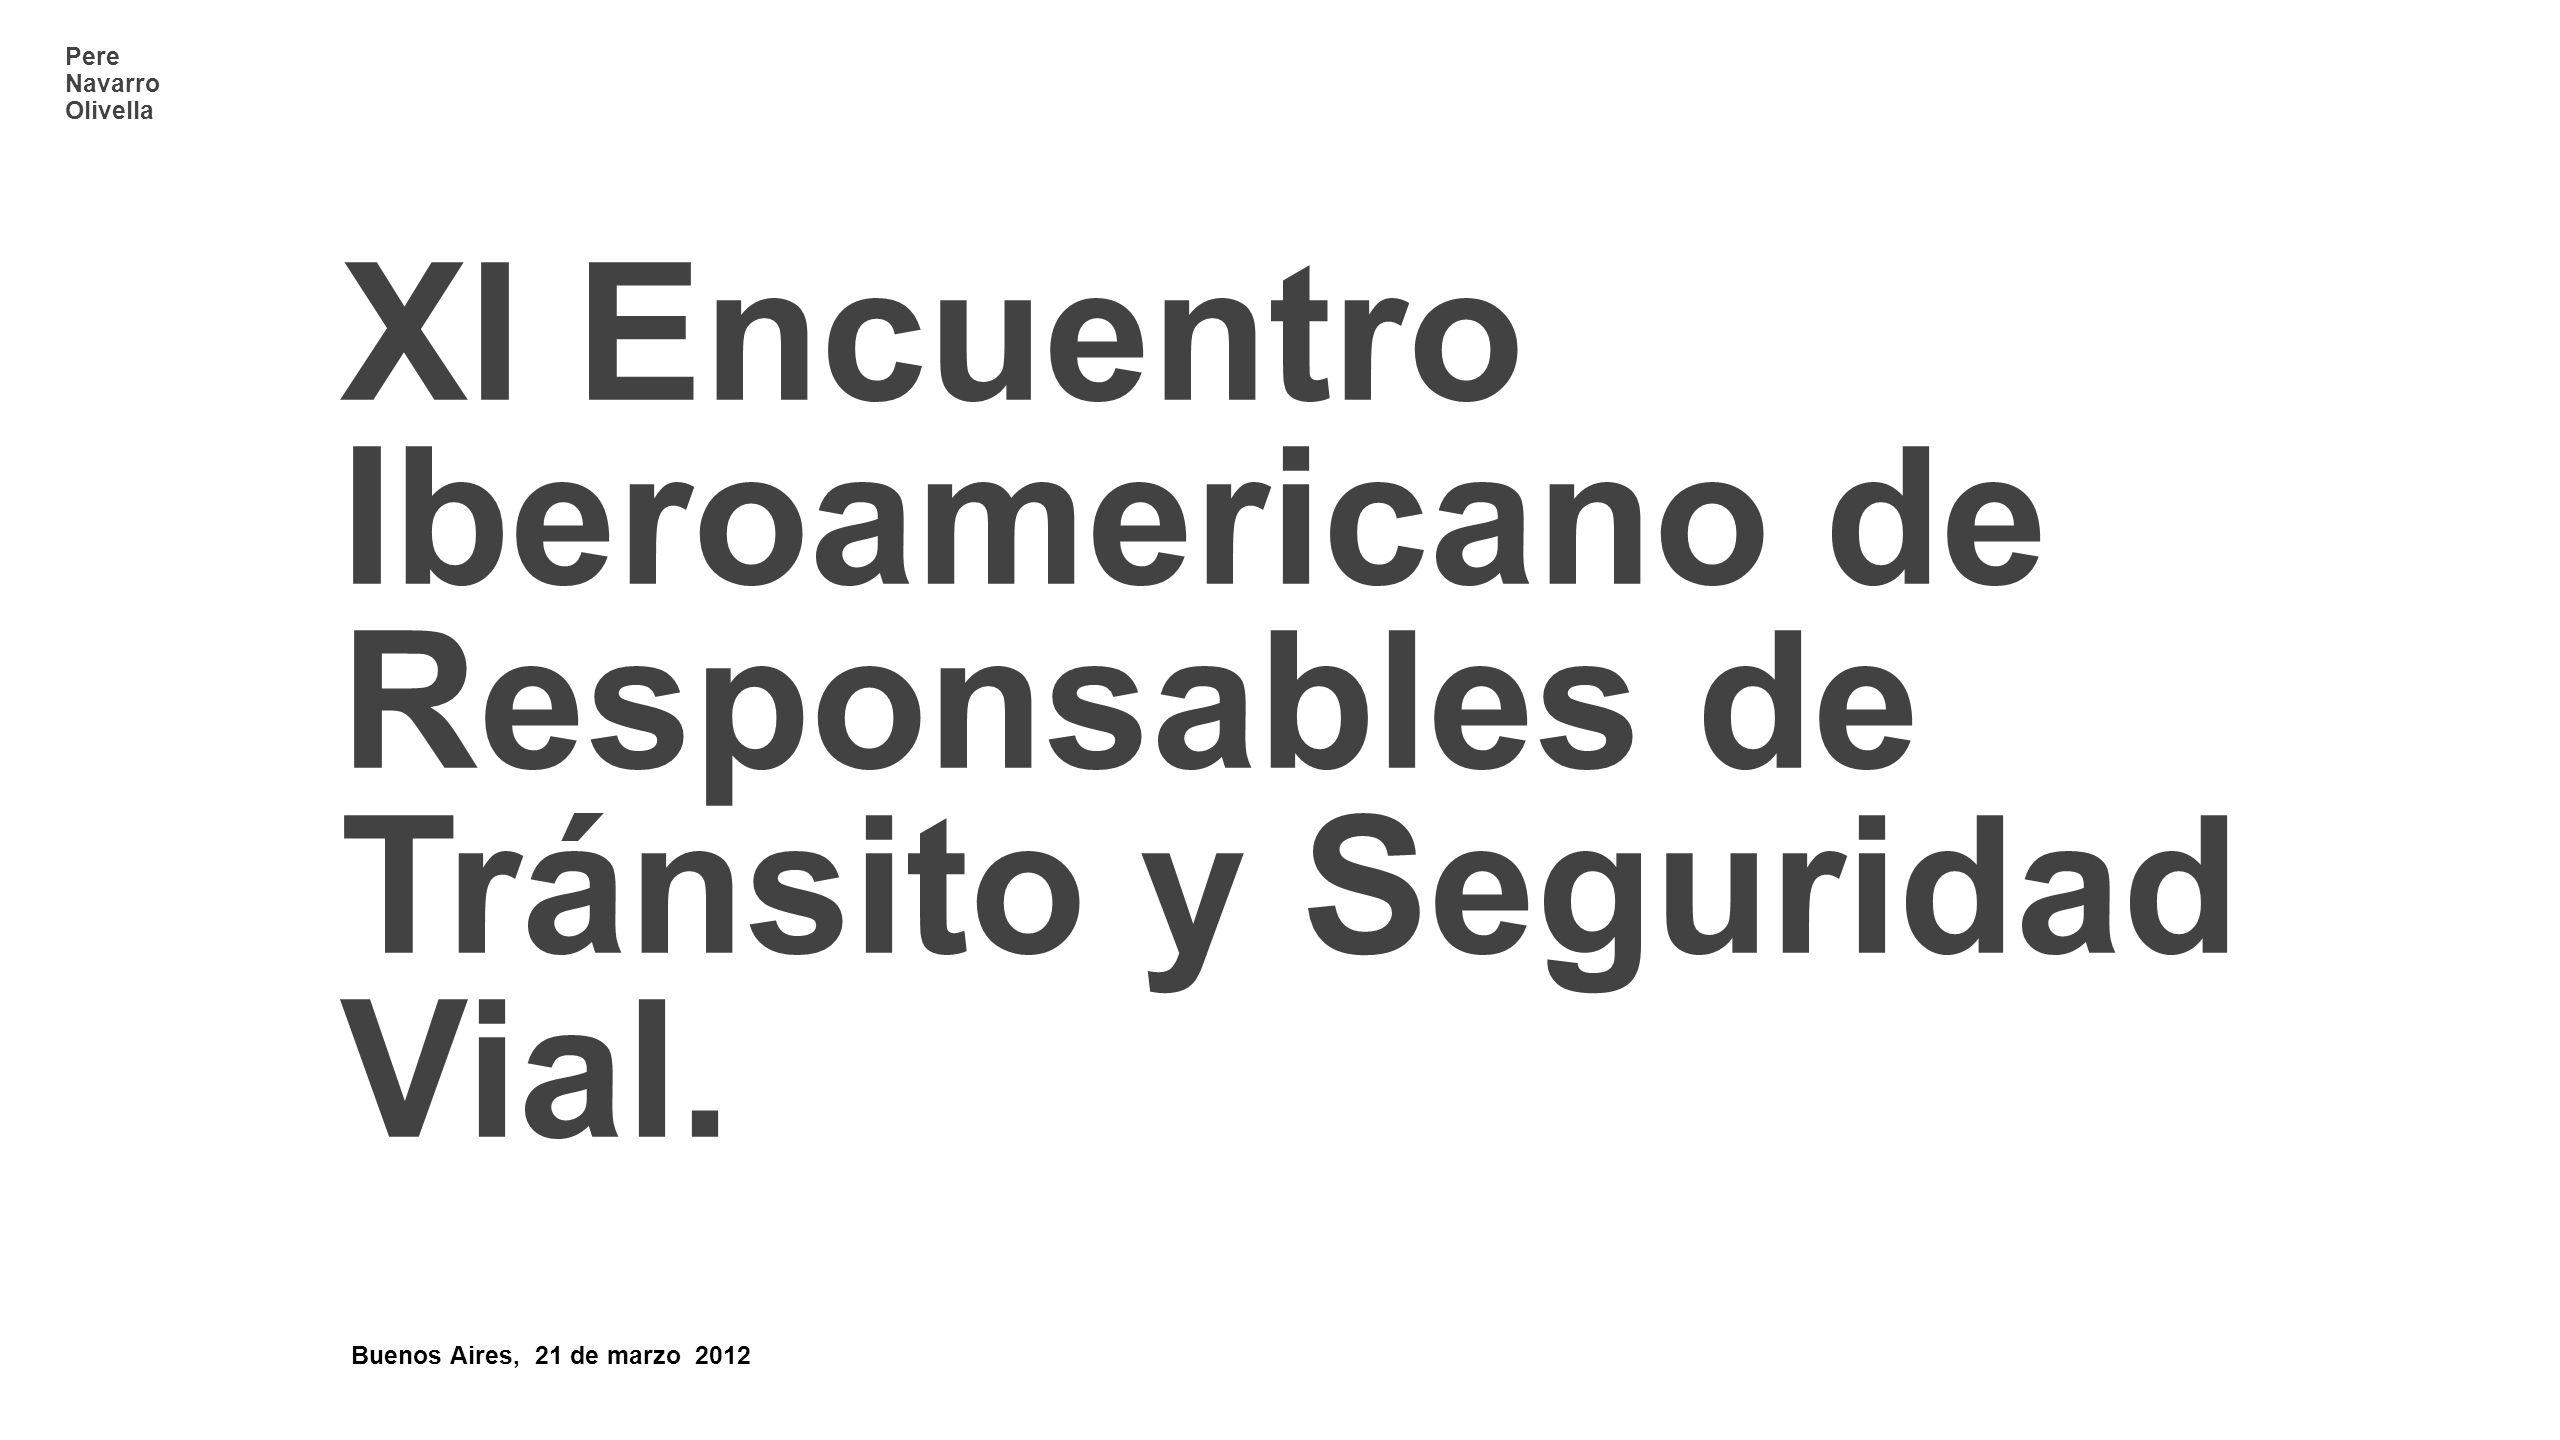 Pere Navarro Olivella XI Encuentro Iberoamericano de Responsables de Tránsito y Seguridad Vial.